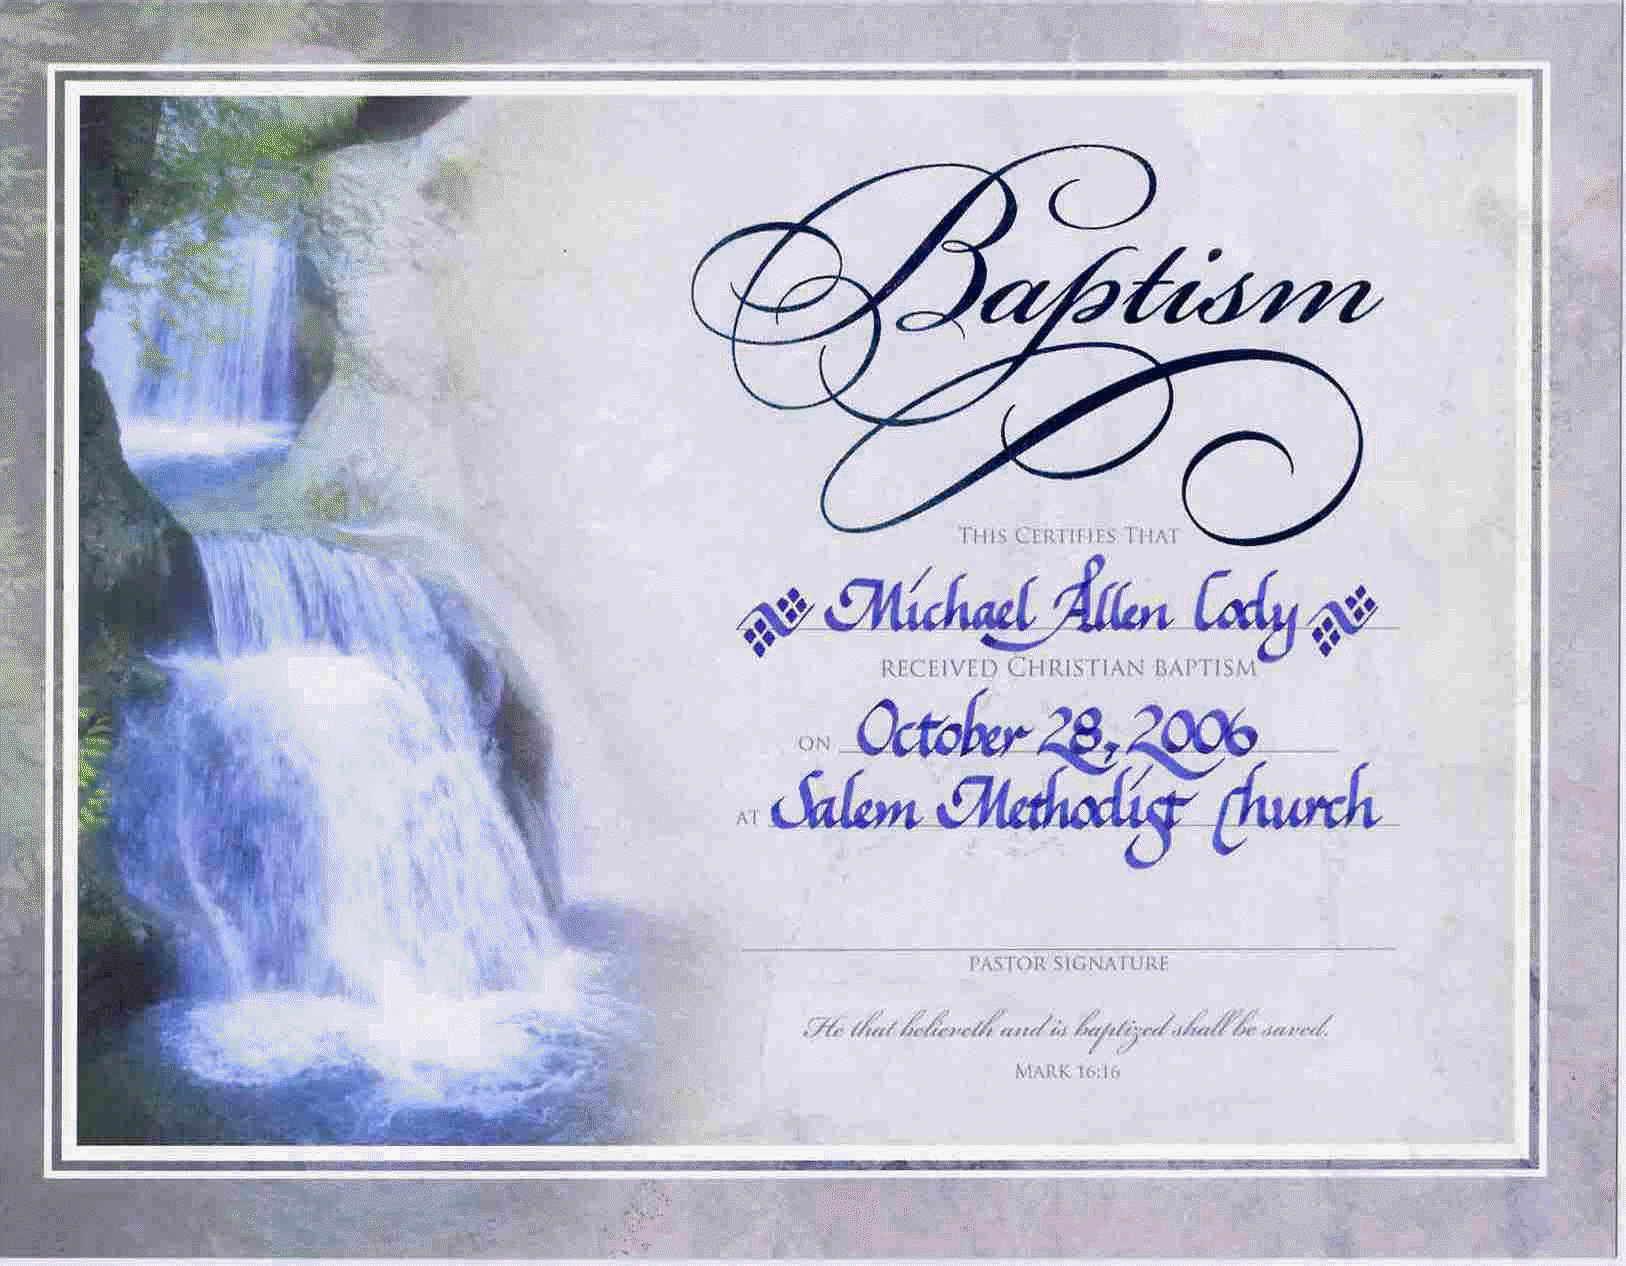 Water Baptism Certificate Templateencephaloscom Encephaloscom Baptism